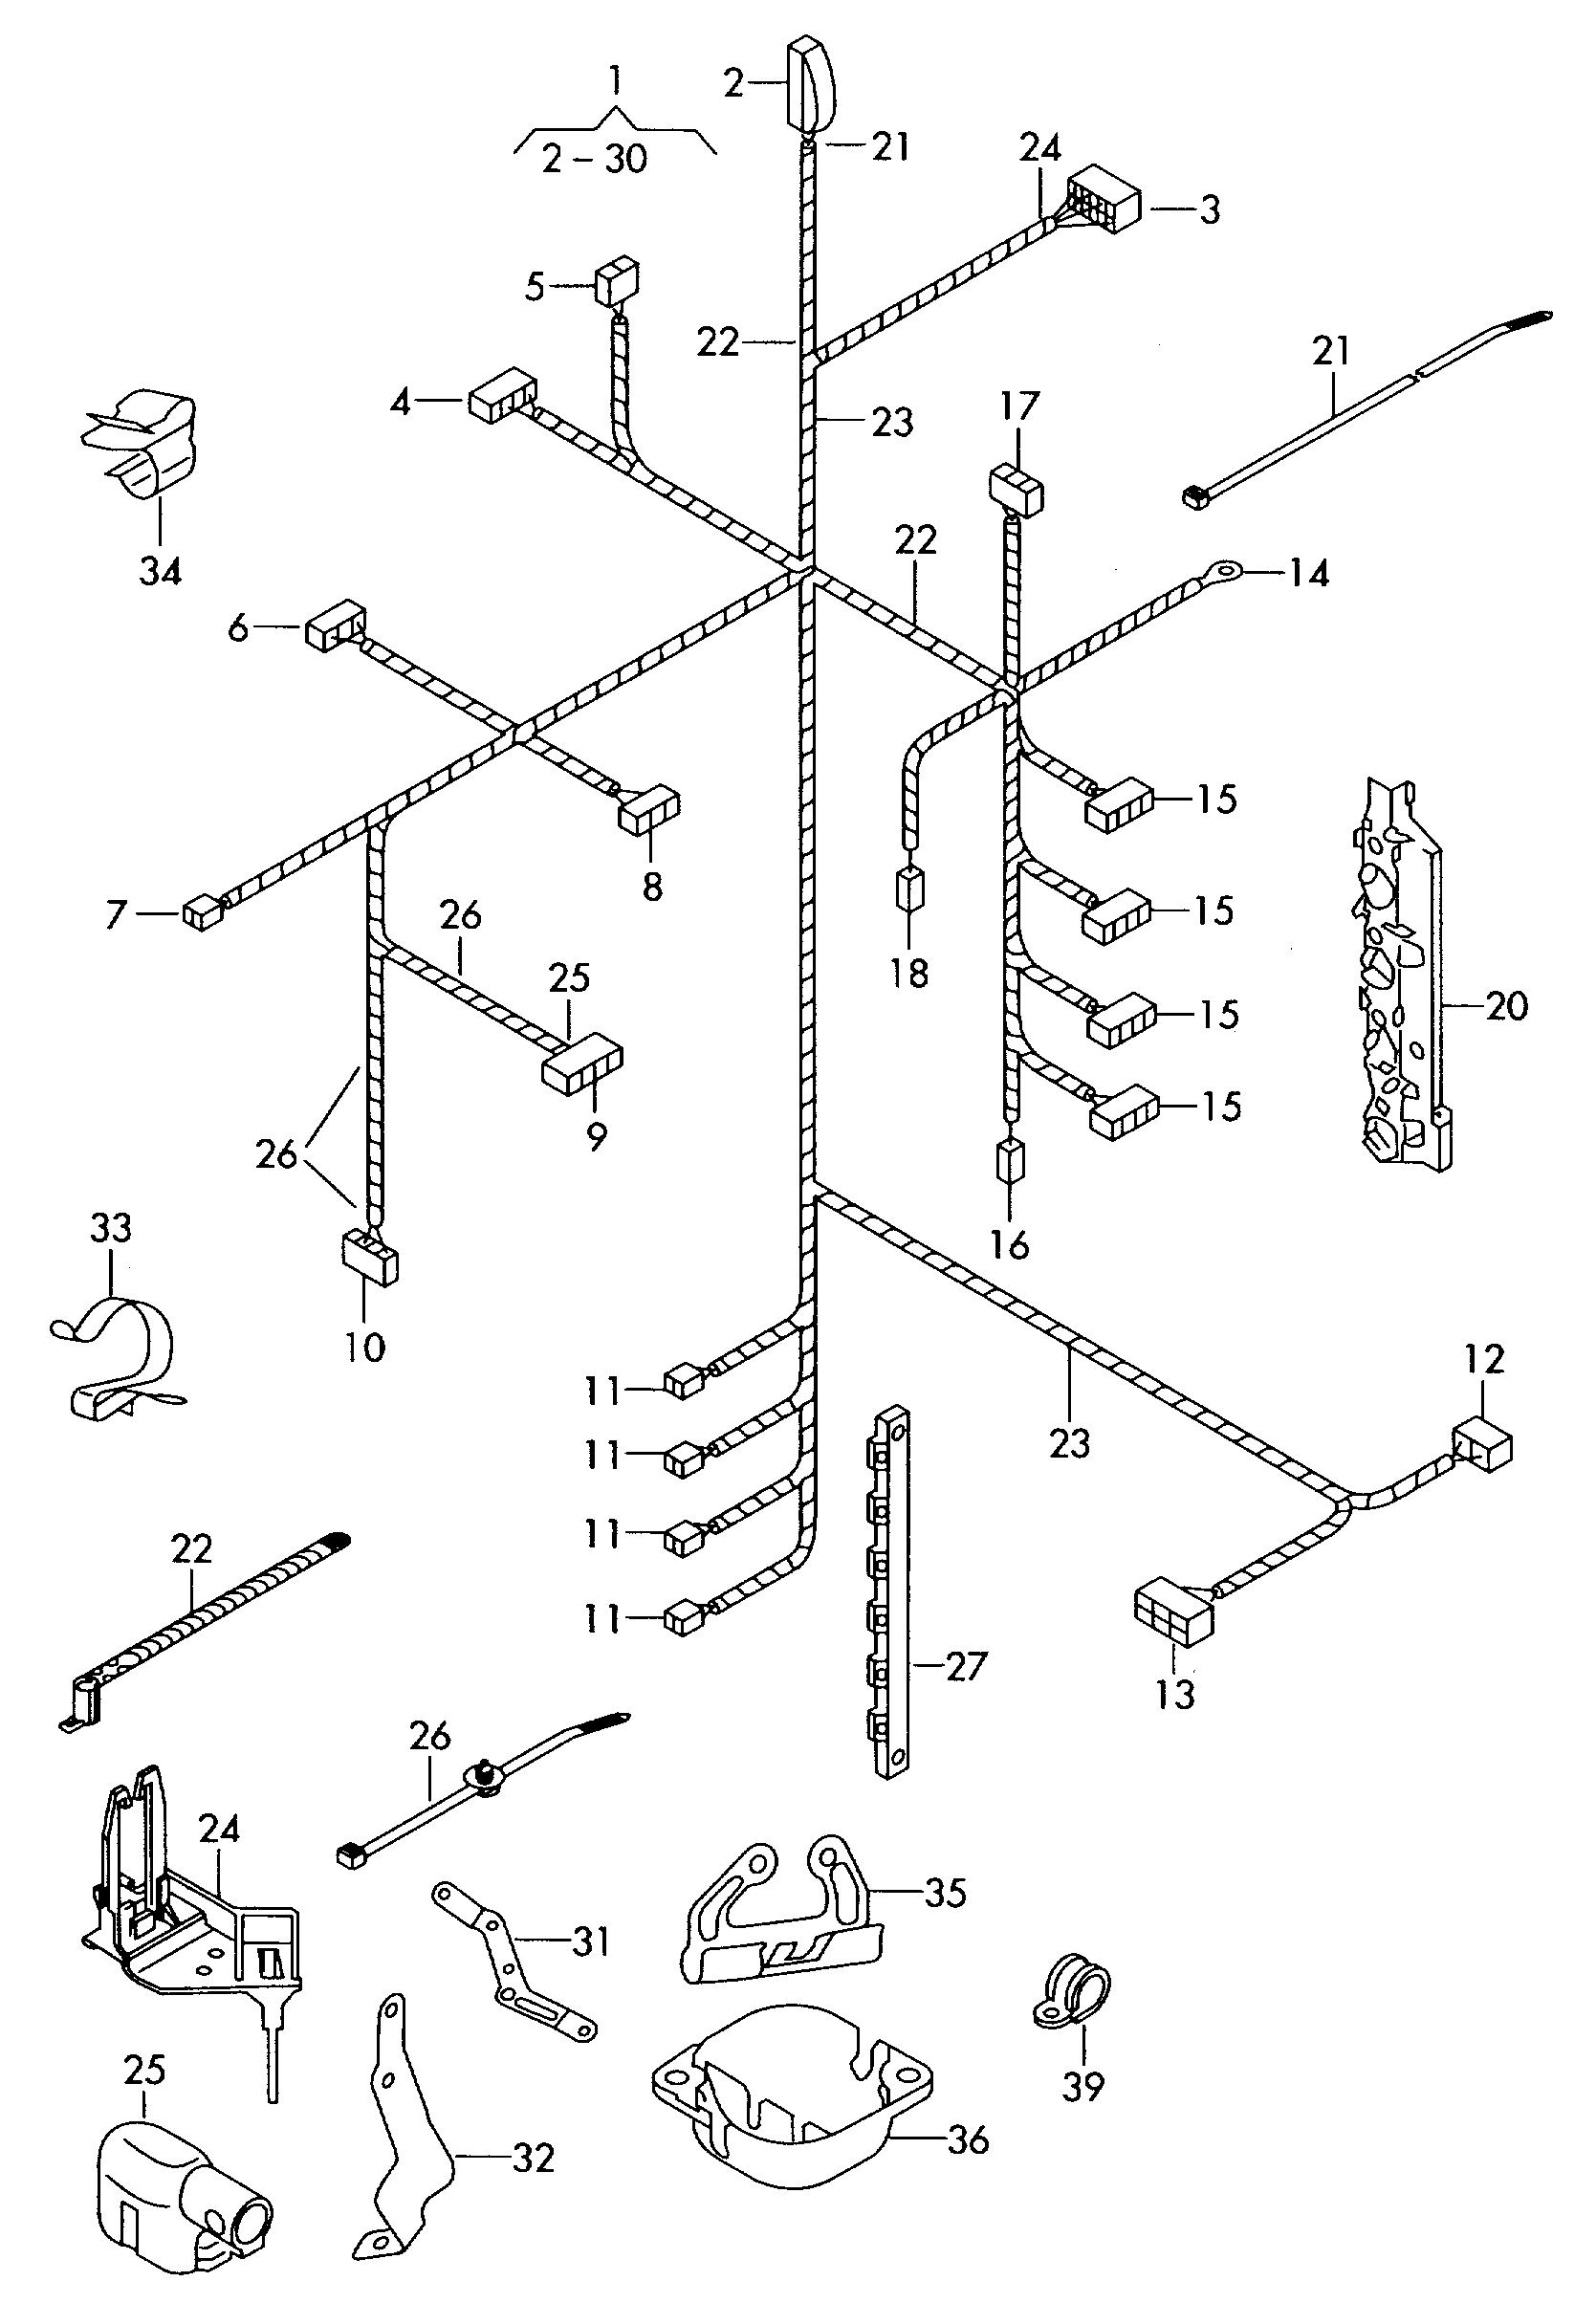 skoda fabia central locking wiring diagram wiring library central locking  wiring-diagram pajero skoda fabia